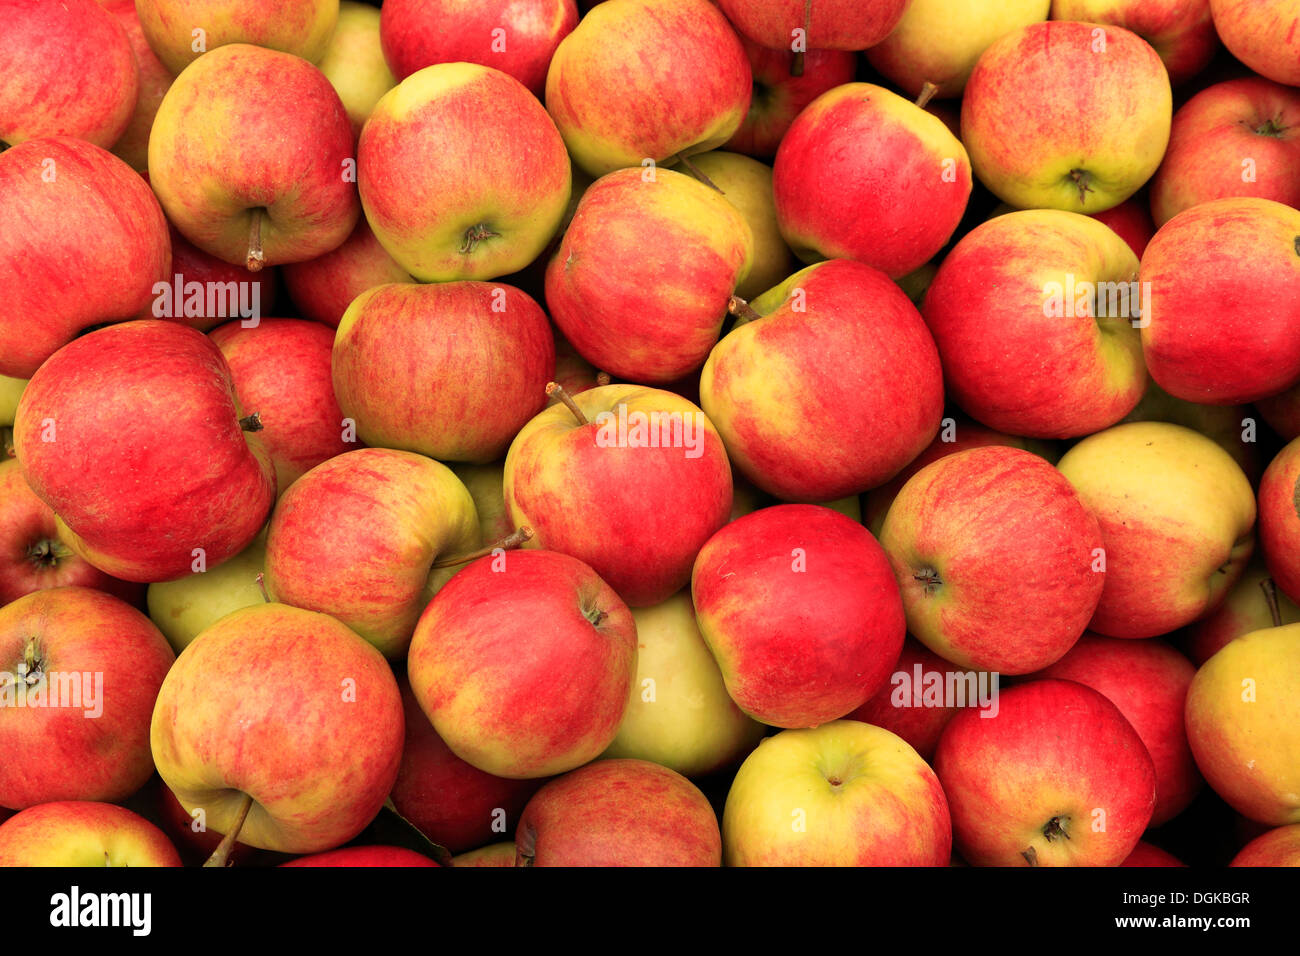 Apple 'Elstar' nella farm shop display, raccolte le mele raccolte vassoio Immagini Stock